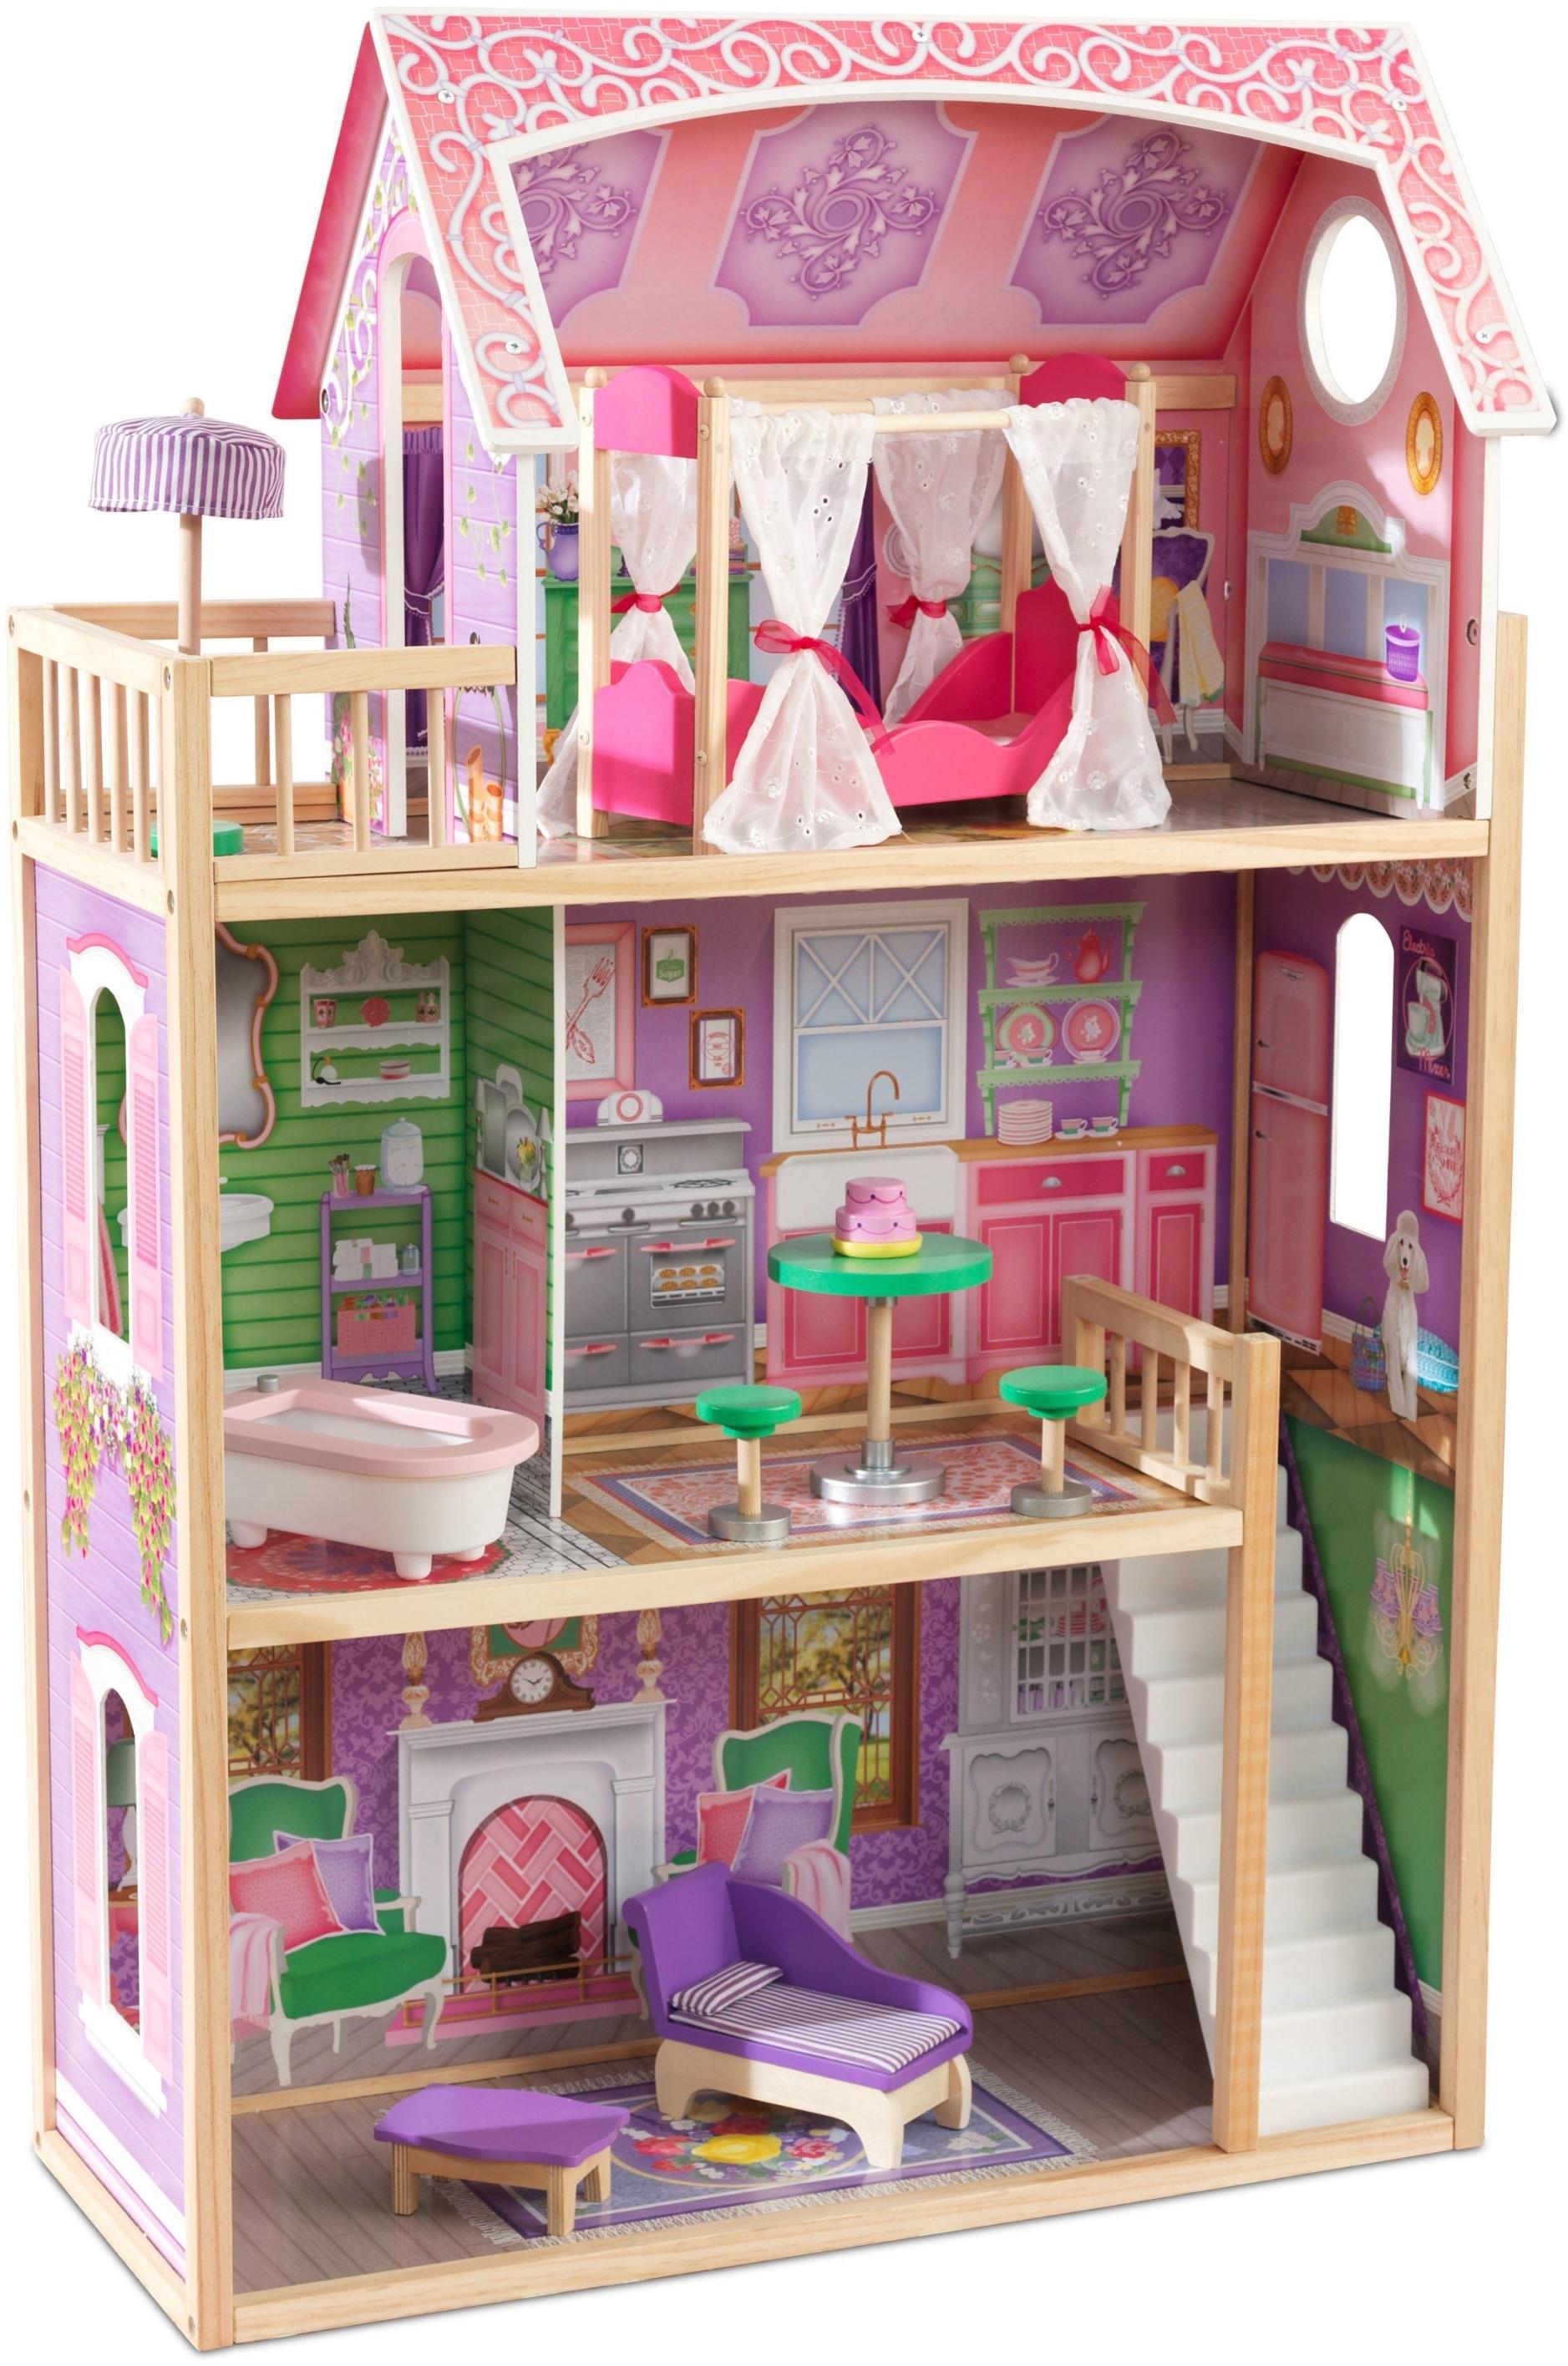 Op zoek naar een Kidkraft poppenhuis? Koop online bij OTTO